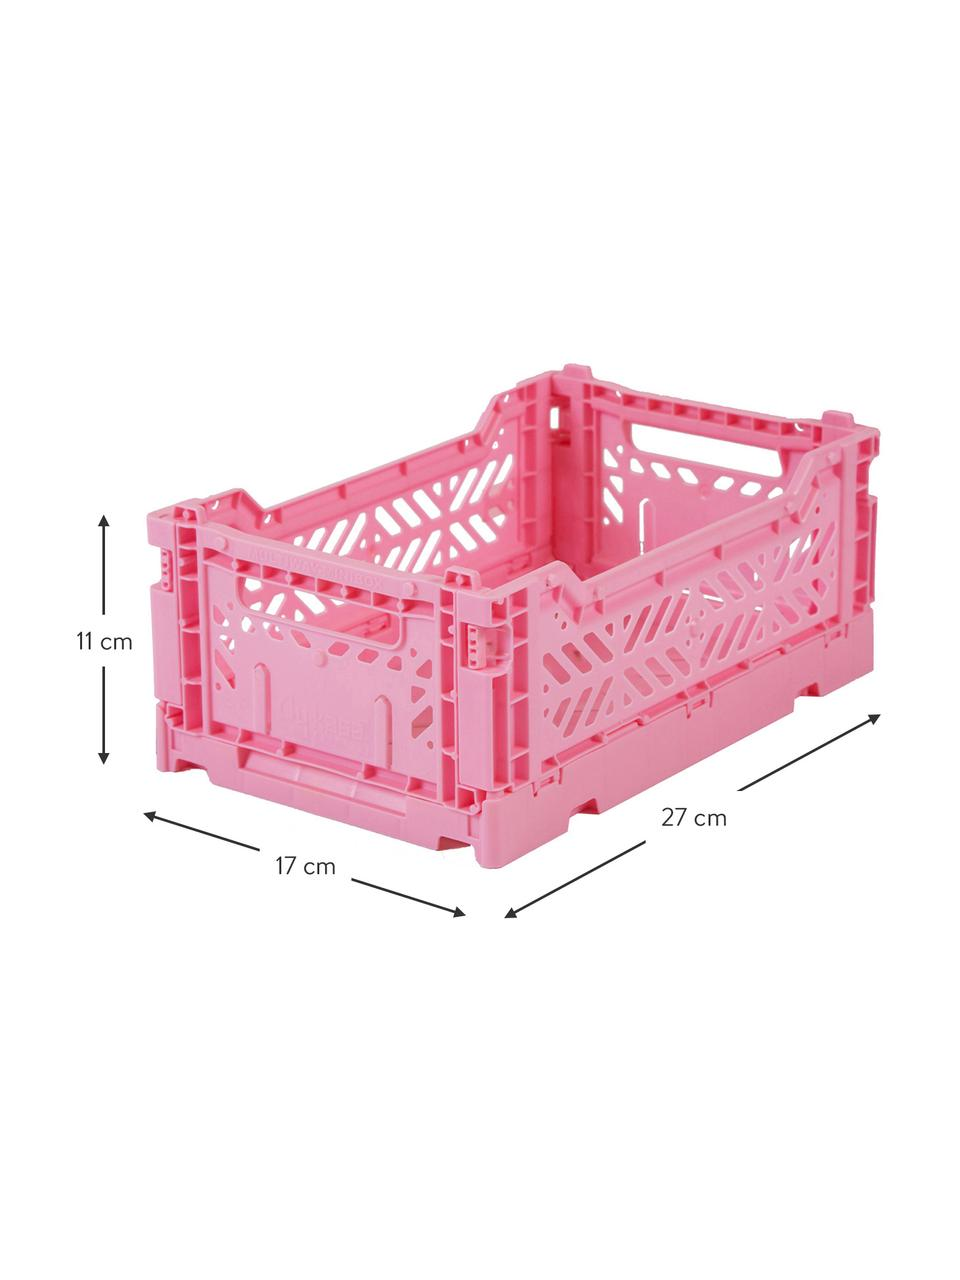 Petite caisse de rangement Baby Pink, empilable, Rose vif